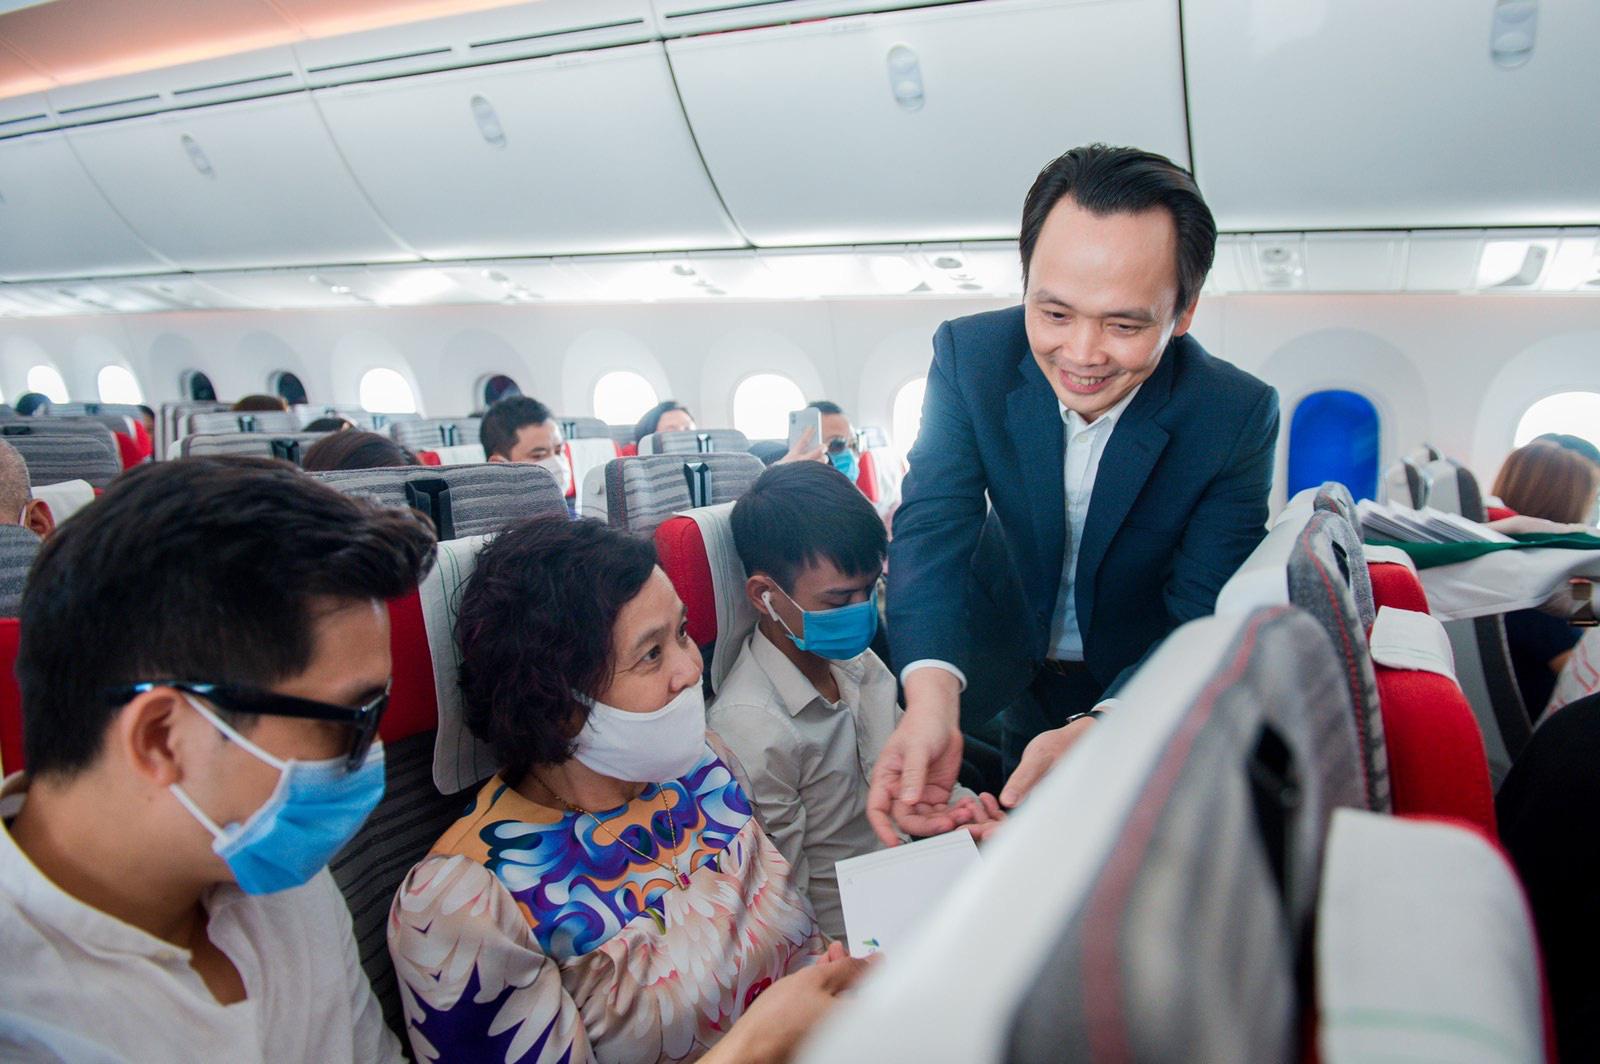 Bamboo Airways của tỷ phú Trịnh Văn Quyết chuẩn bị vận chuyển Vắc xin ngừa Covid-19 - Ảnh 2.